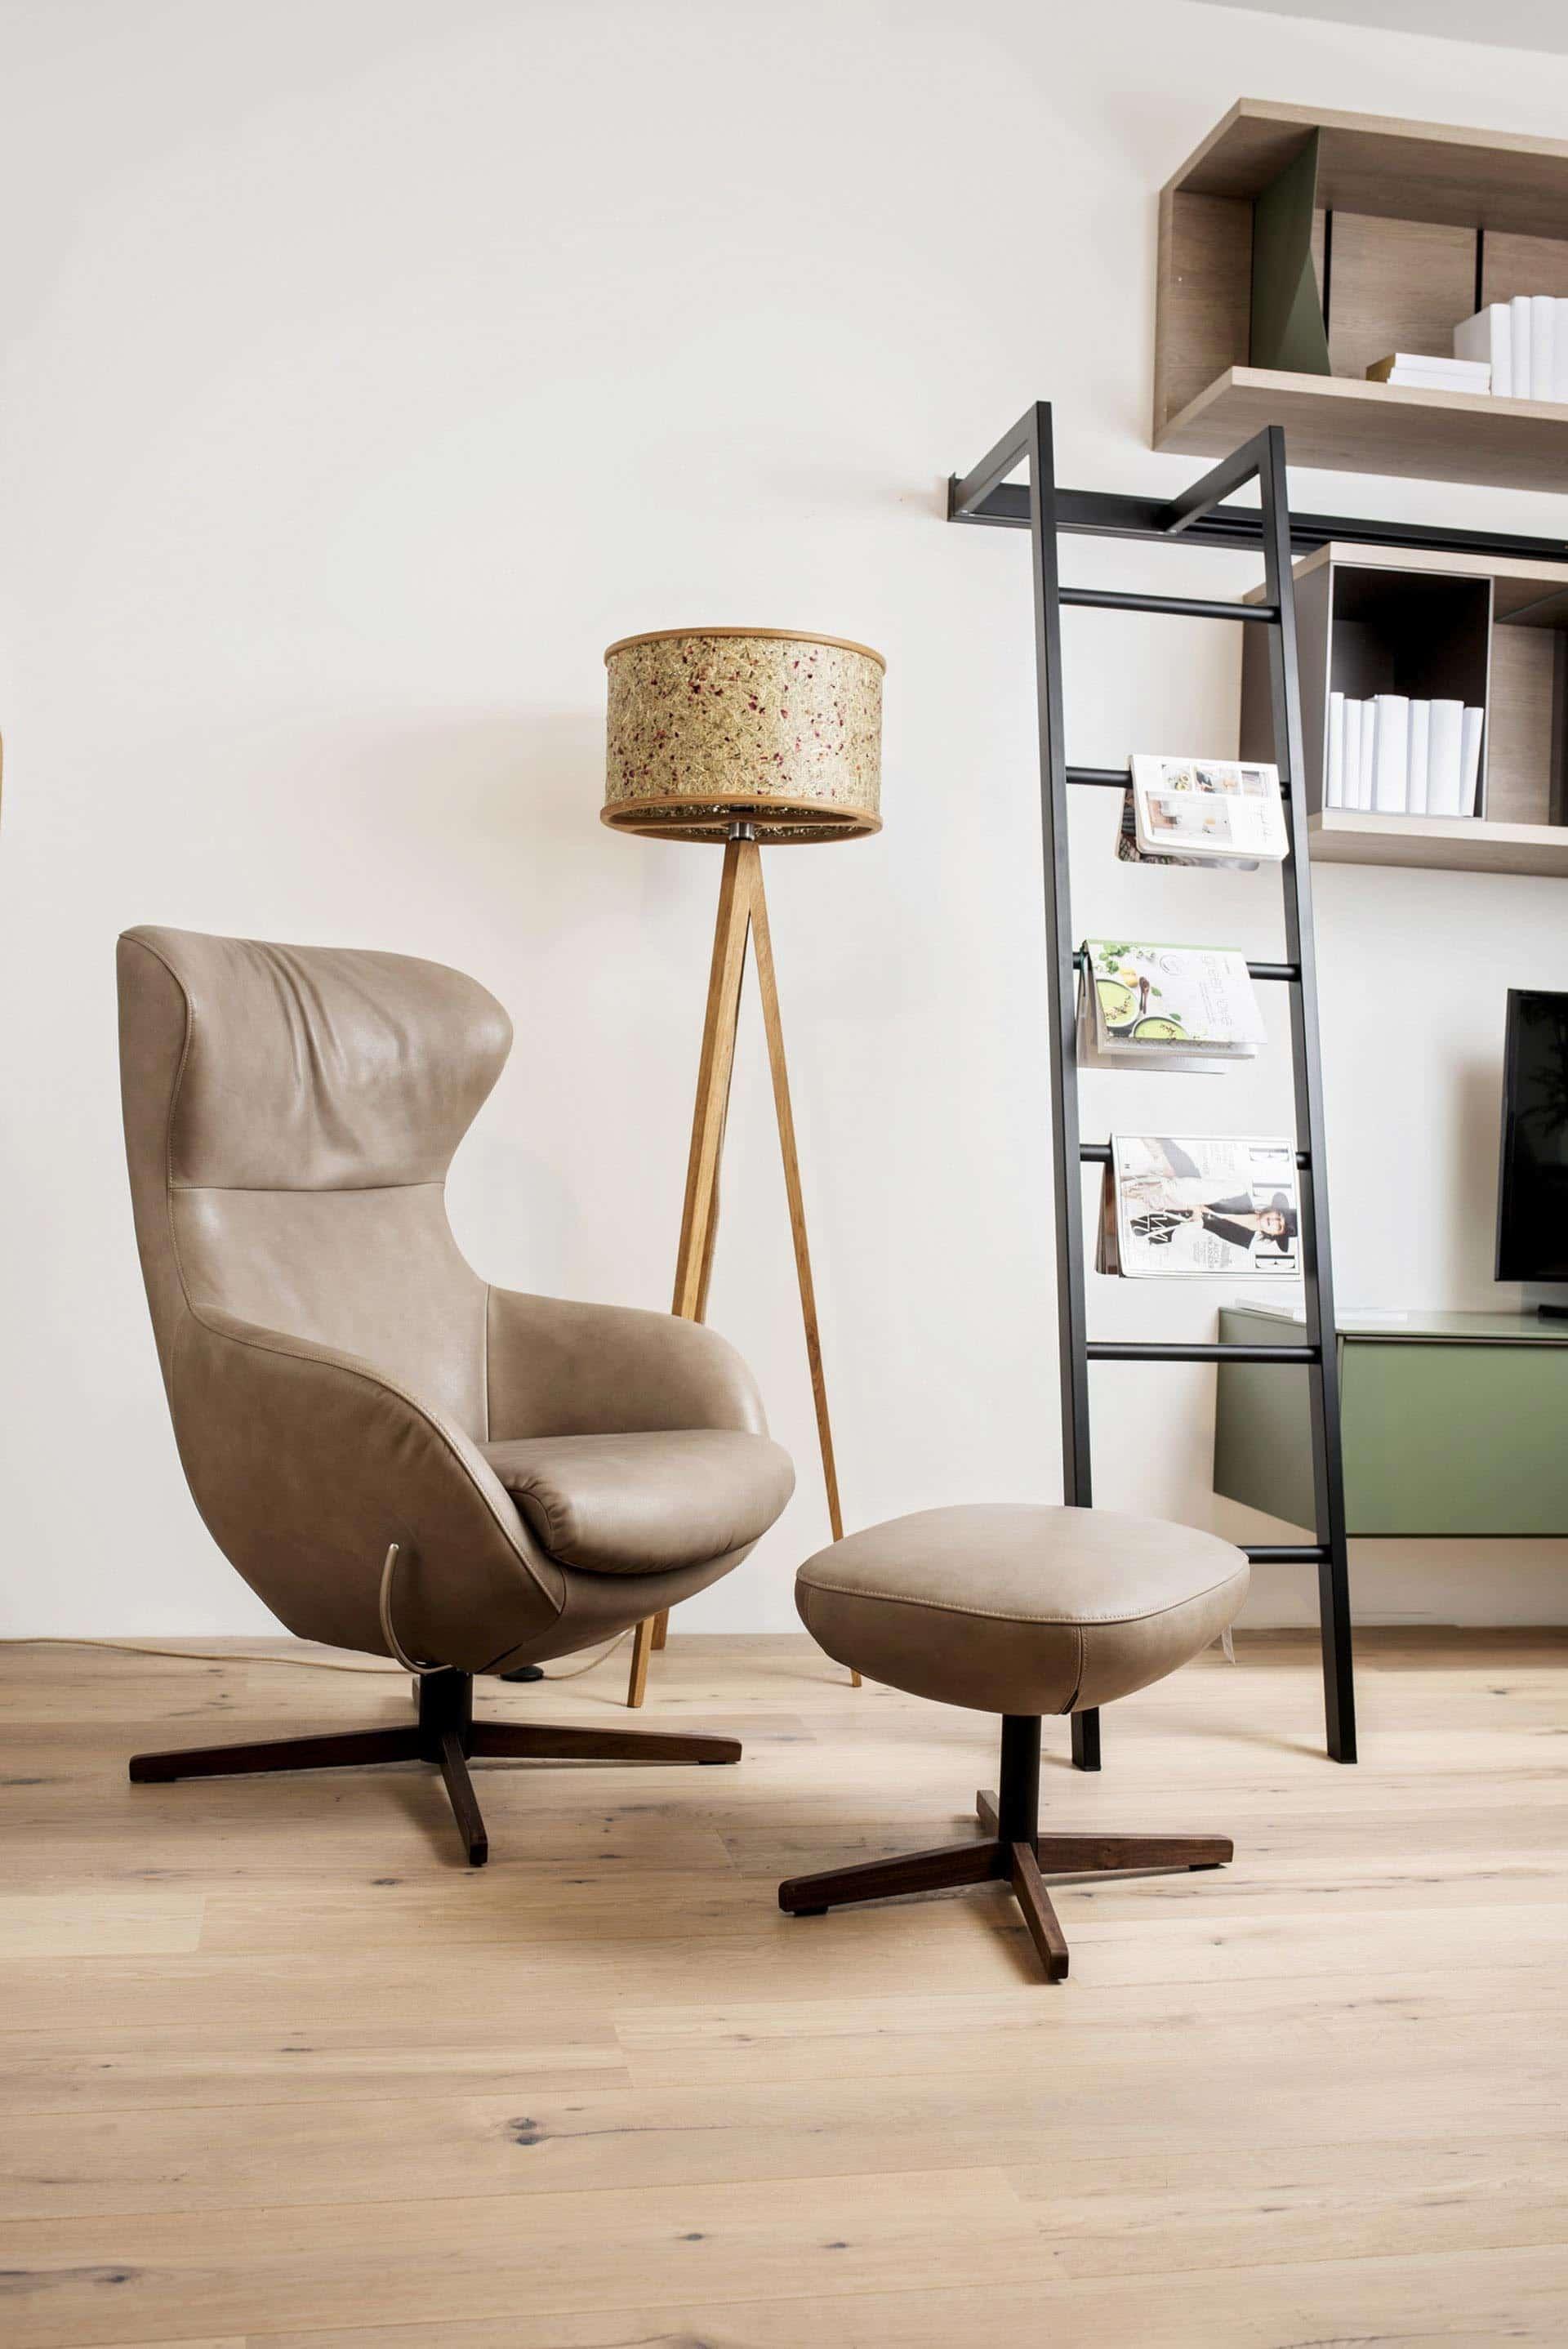 couchzone - Interior Design Innsbruck - Sitzmöbel